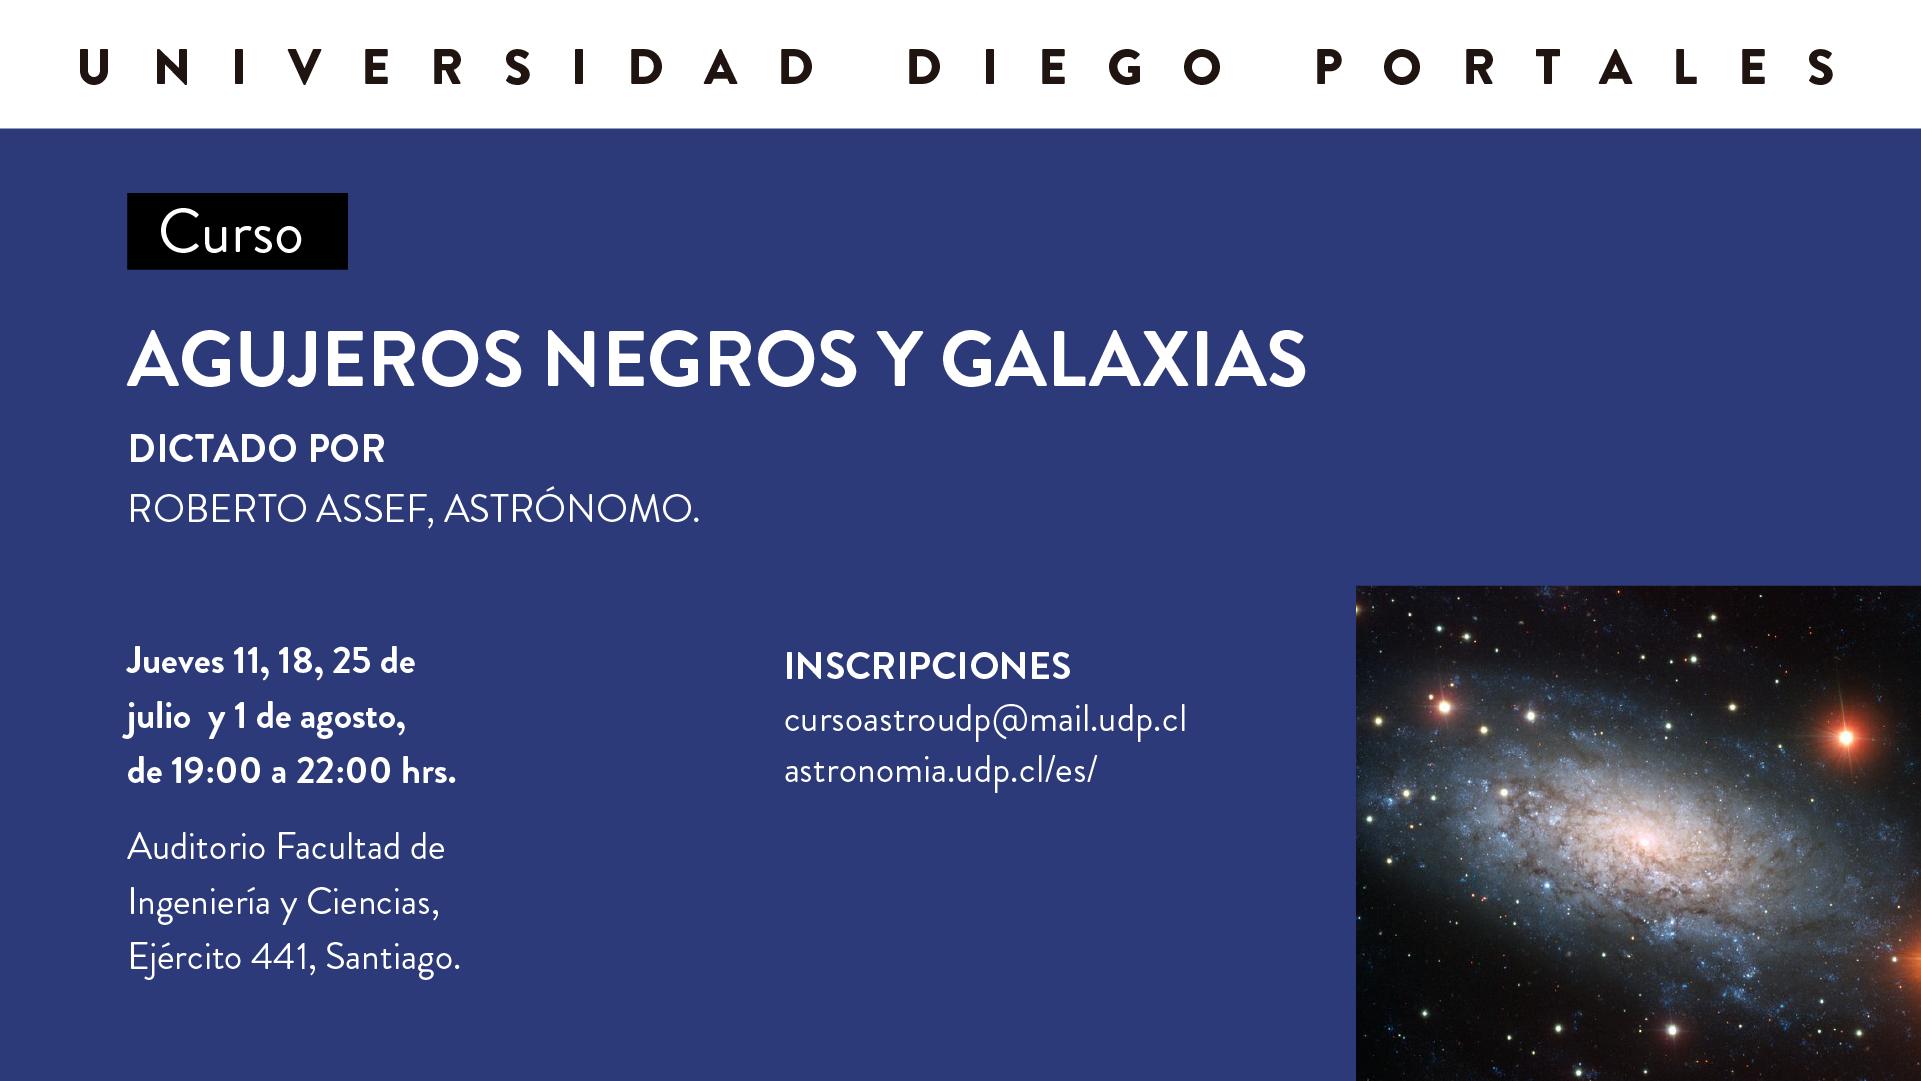 Curso Abierto «Agujeros Negros y Galaxias» por Roberto Assef